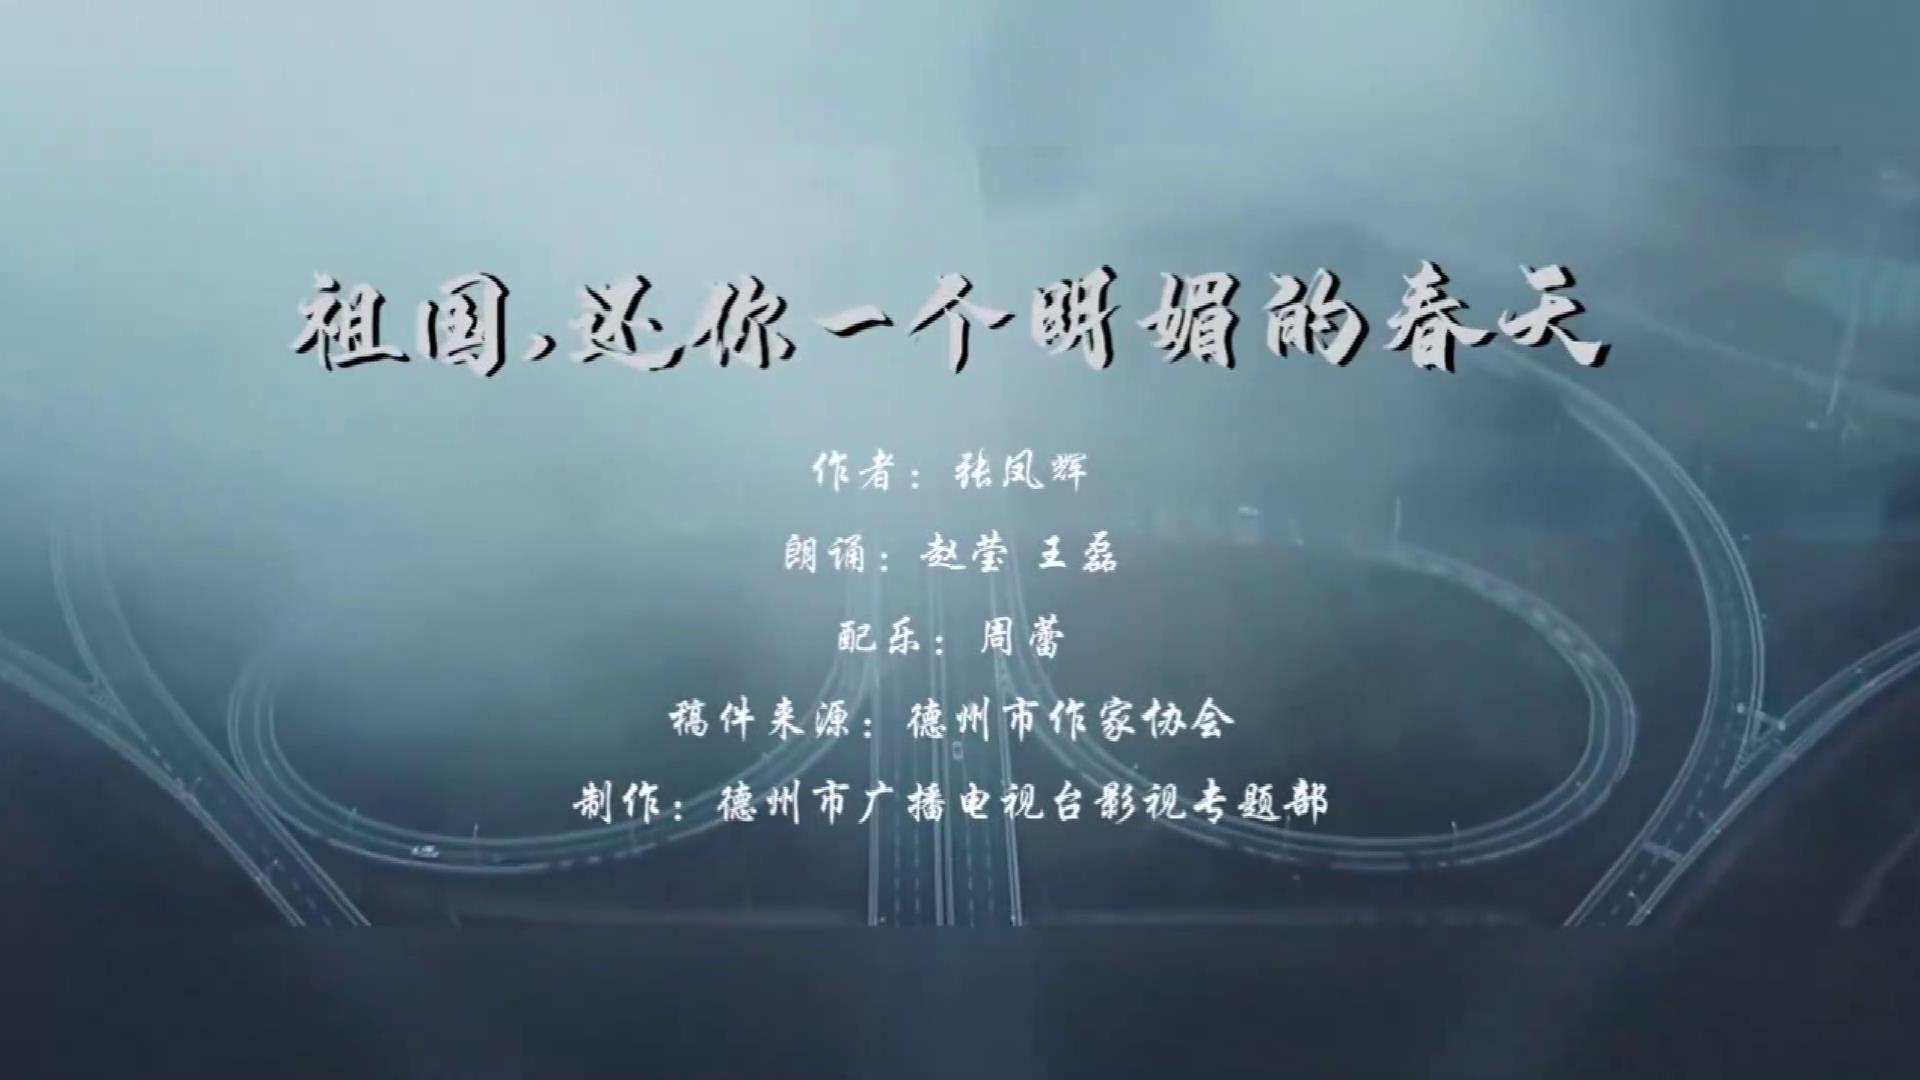 诗朗诵MV《祖国,还你一个明媚的春天》封面图].jpg